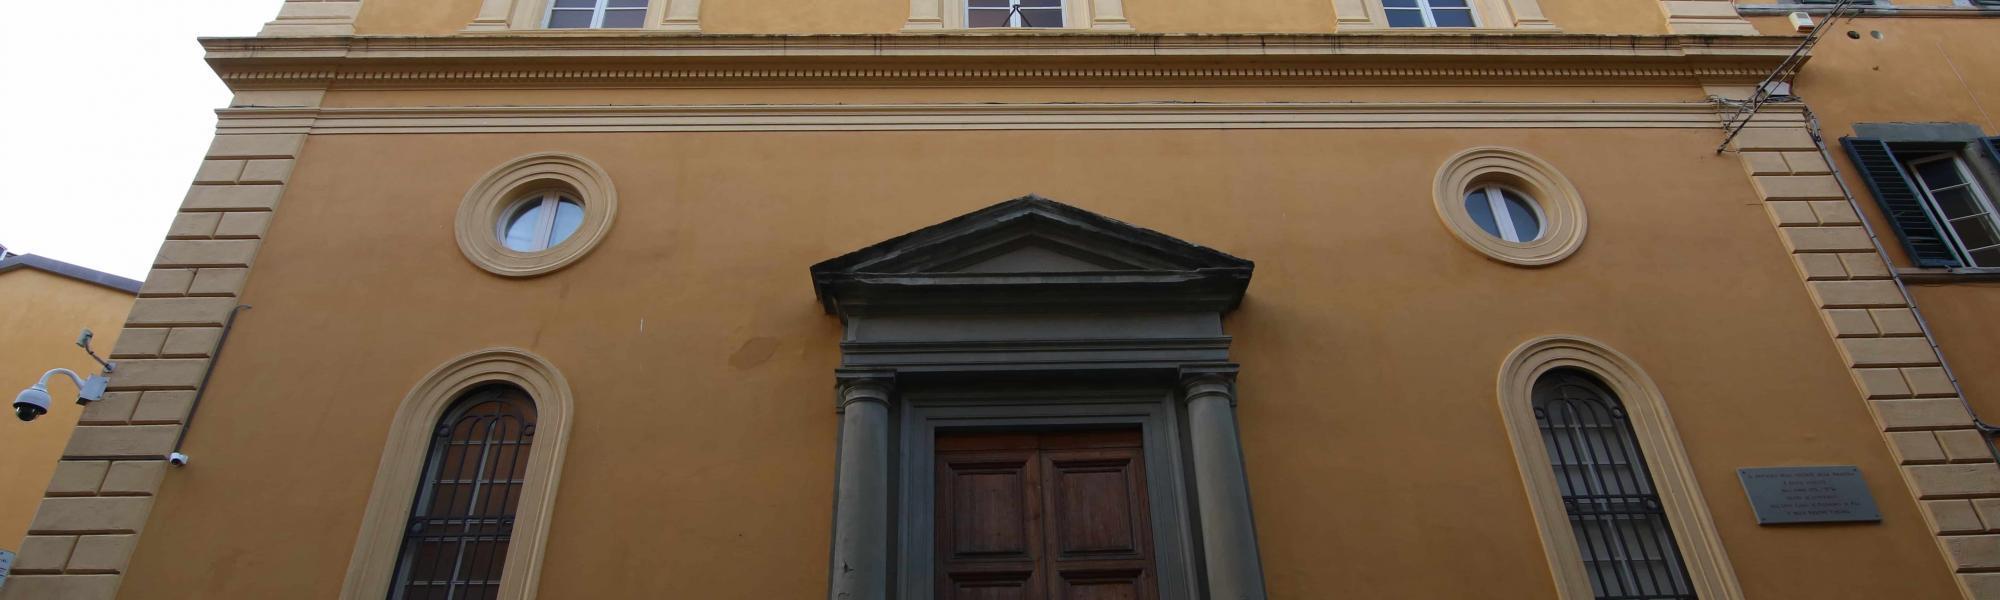 Facciata - Sinagoga (A. Matteucci)